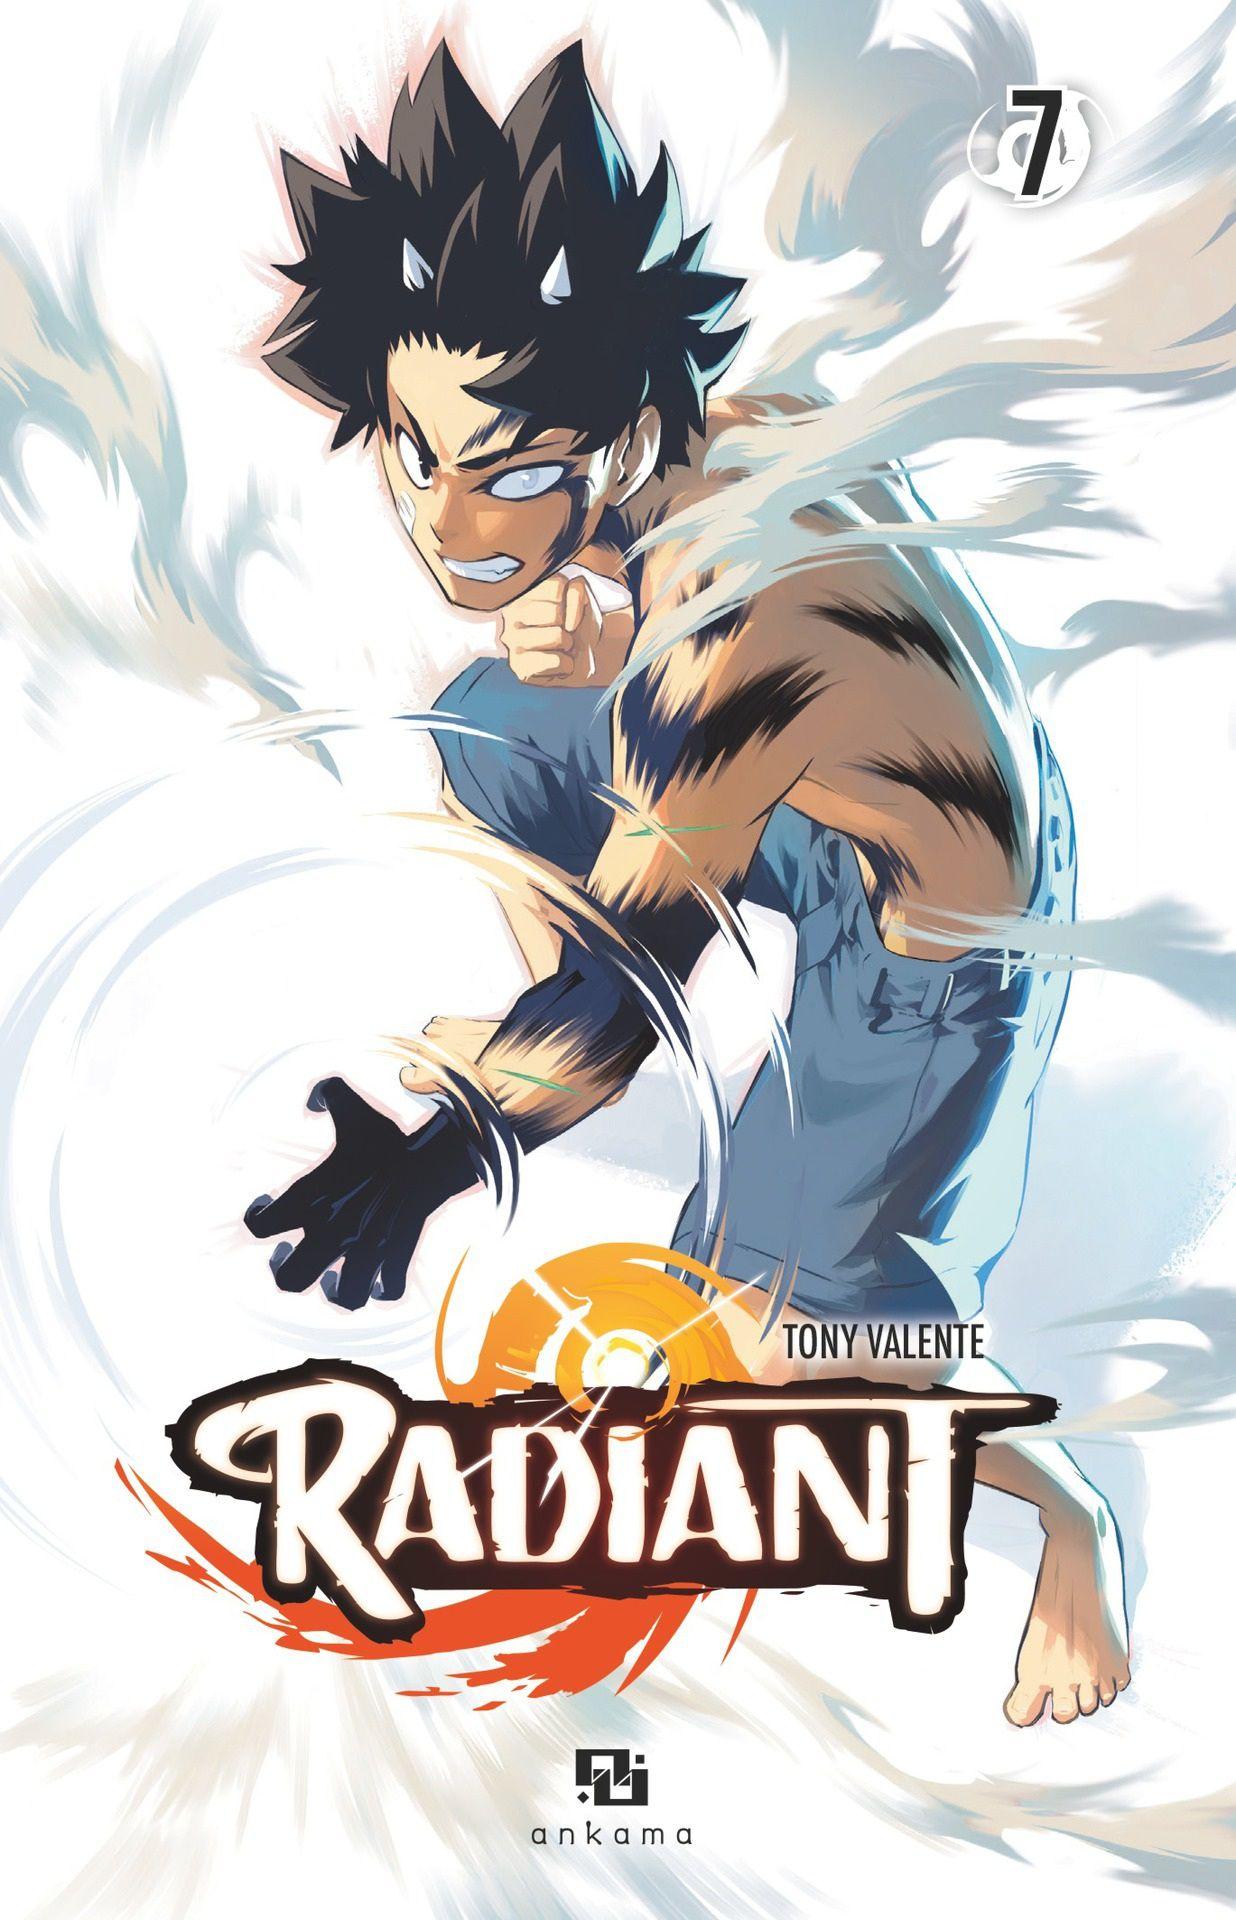 Radiant Tome 9 Lecture En Ligne : radiant, lecture, ligne, Radiant, Anime,, Animation, Artwork,, Character, Design